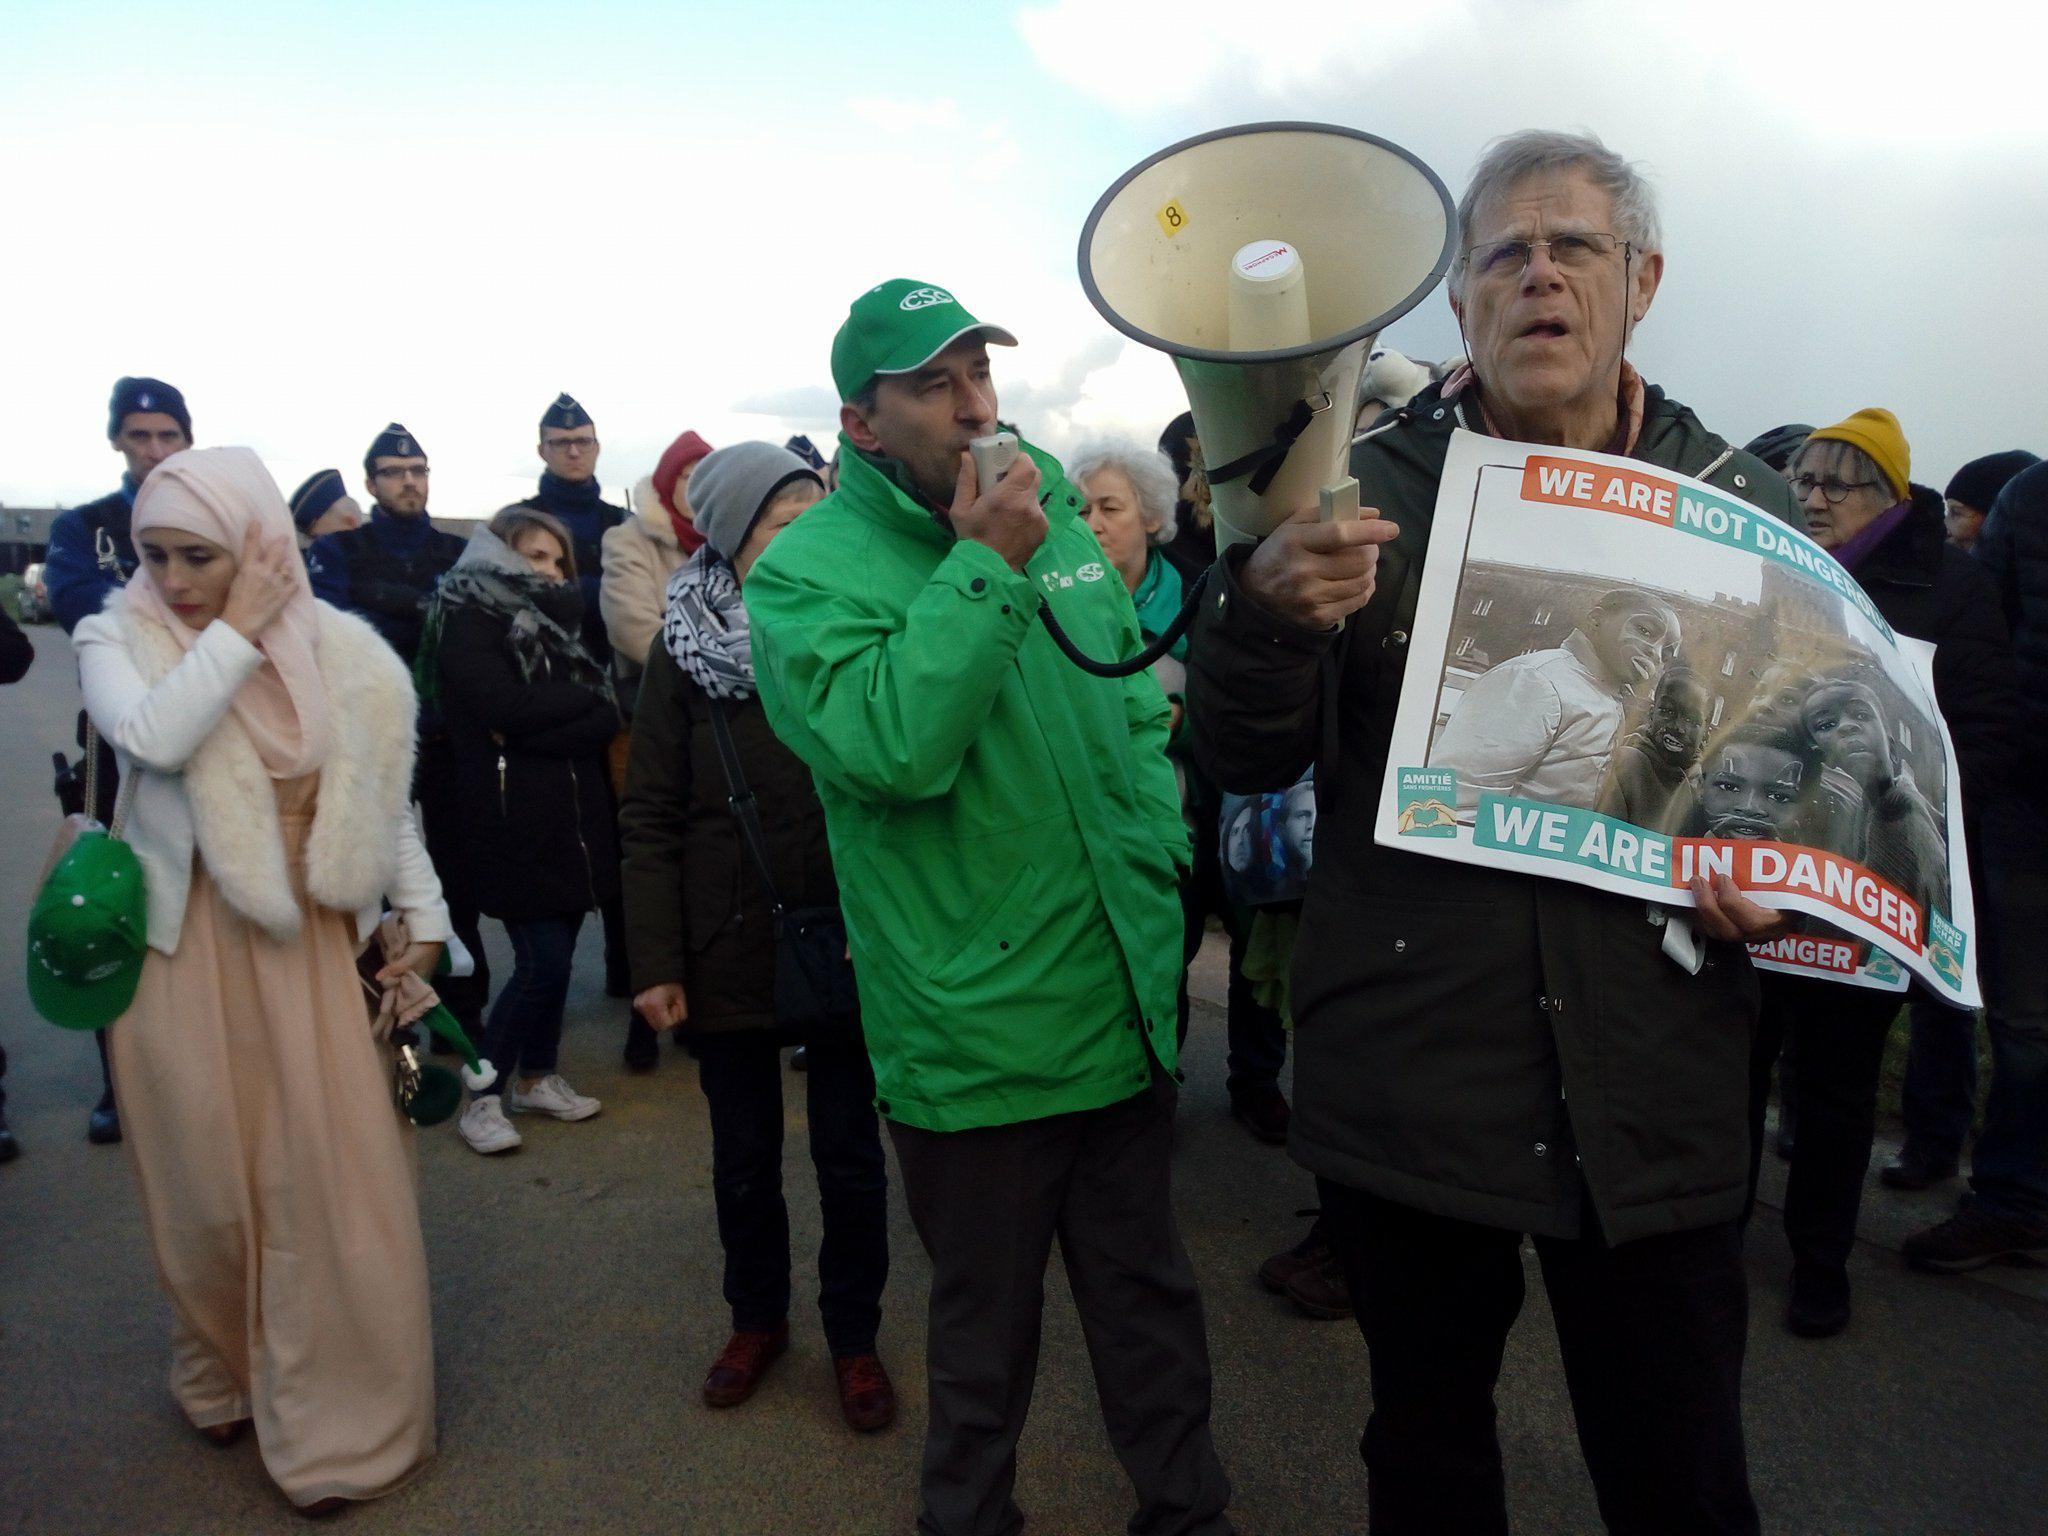 Actie aan gesloten centrum van Steenokkerzeel na schandalige razzia tegen vluchtelingen